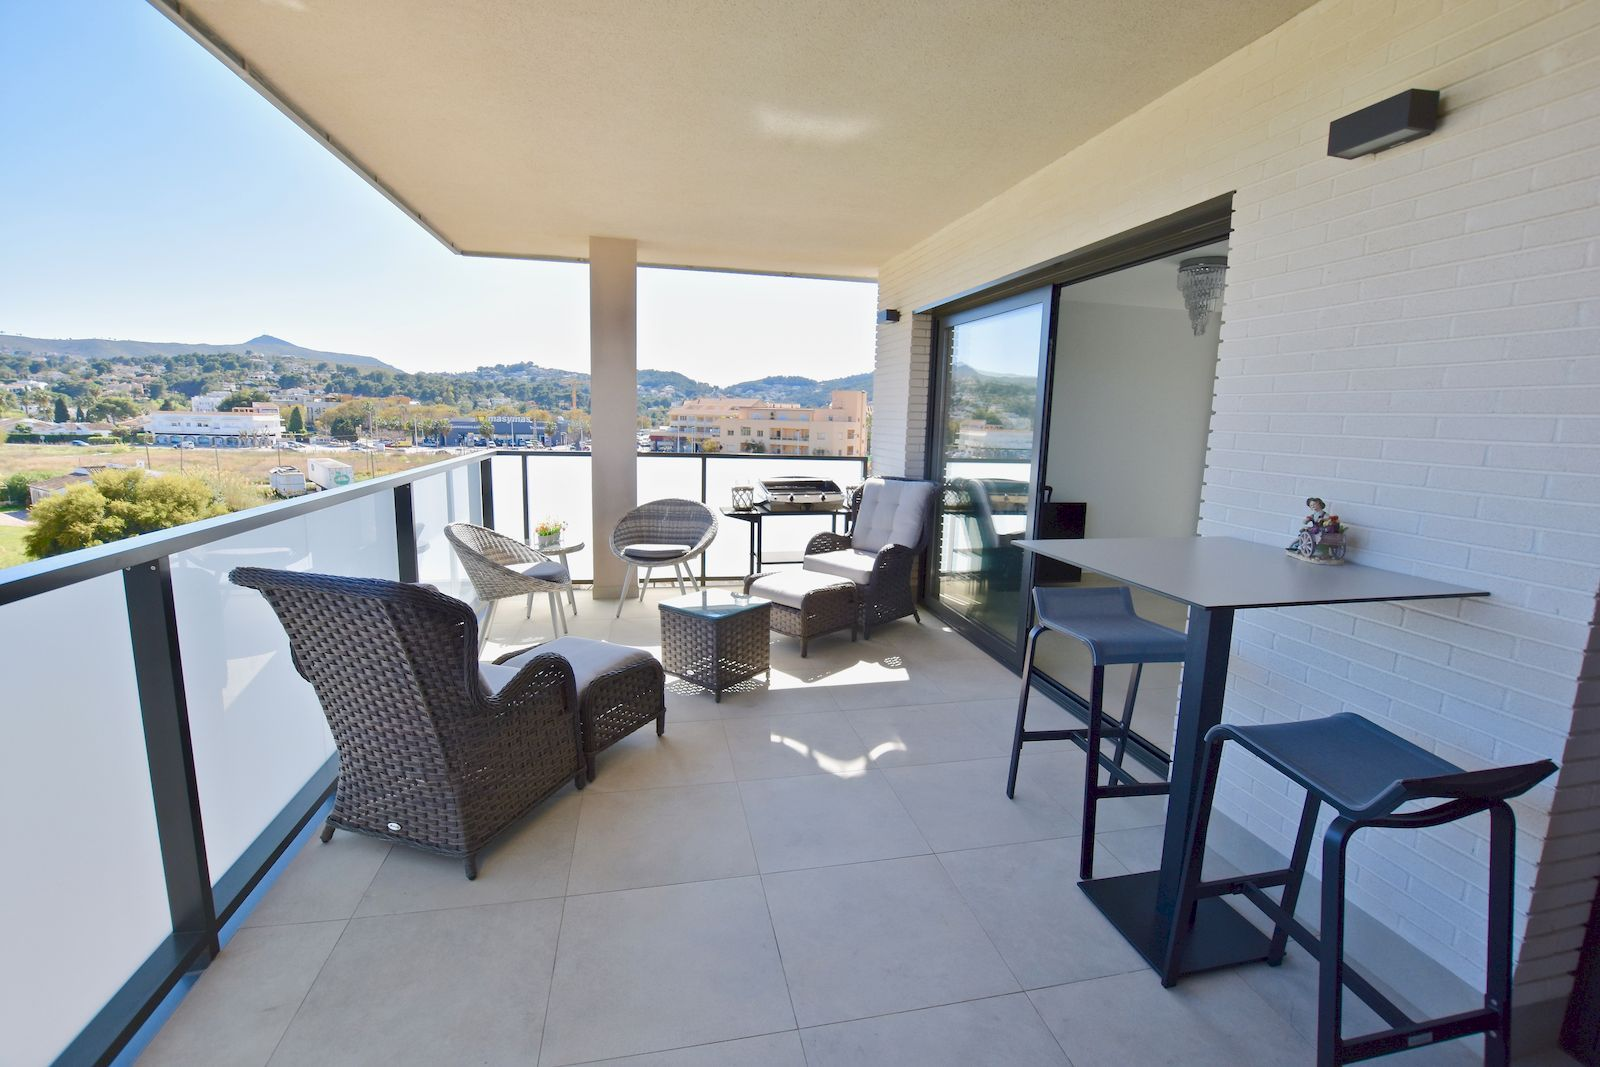 Moderno Apartamento en alquiler temporal en el Arenal de Javea - Costa Blanca - Alicante